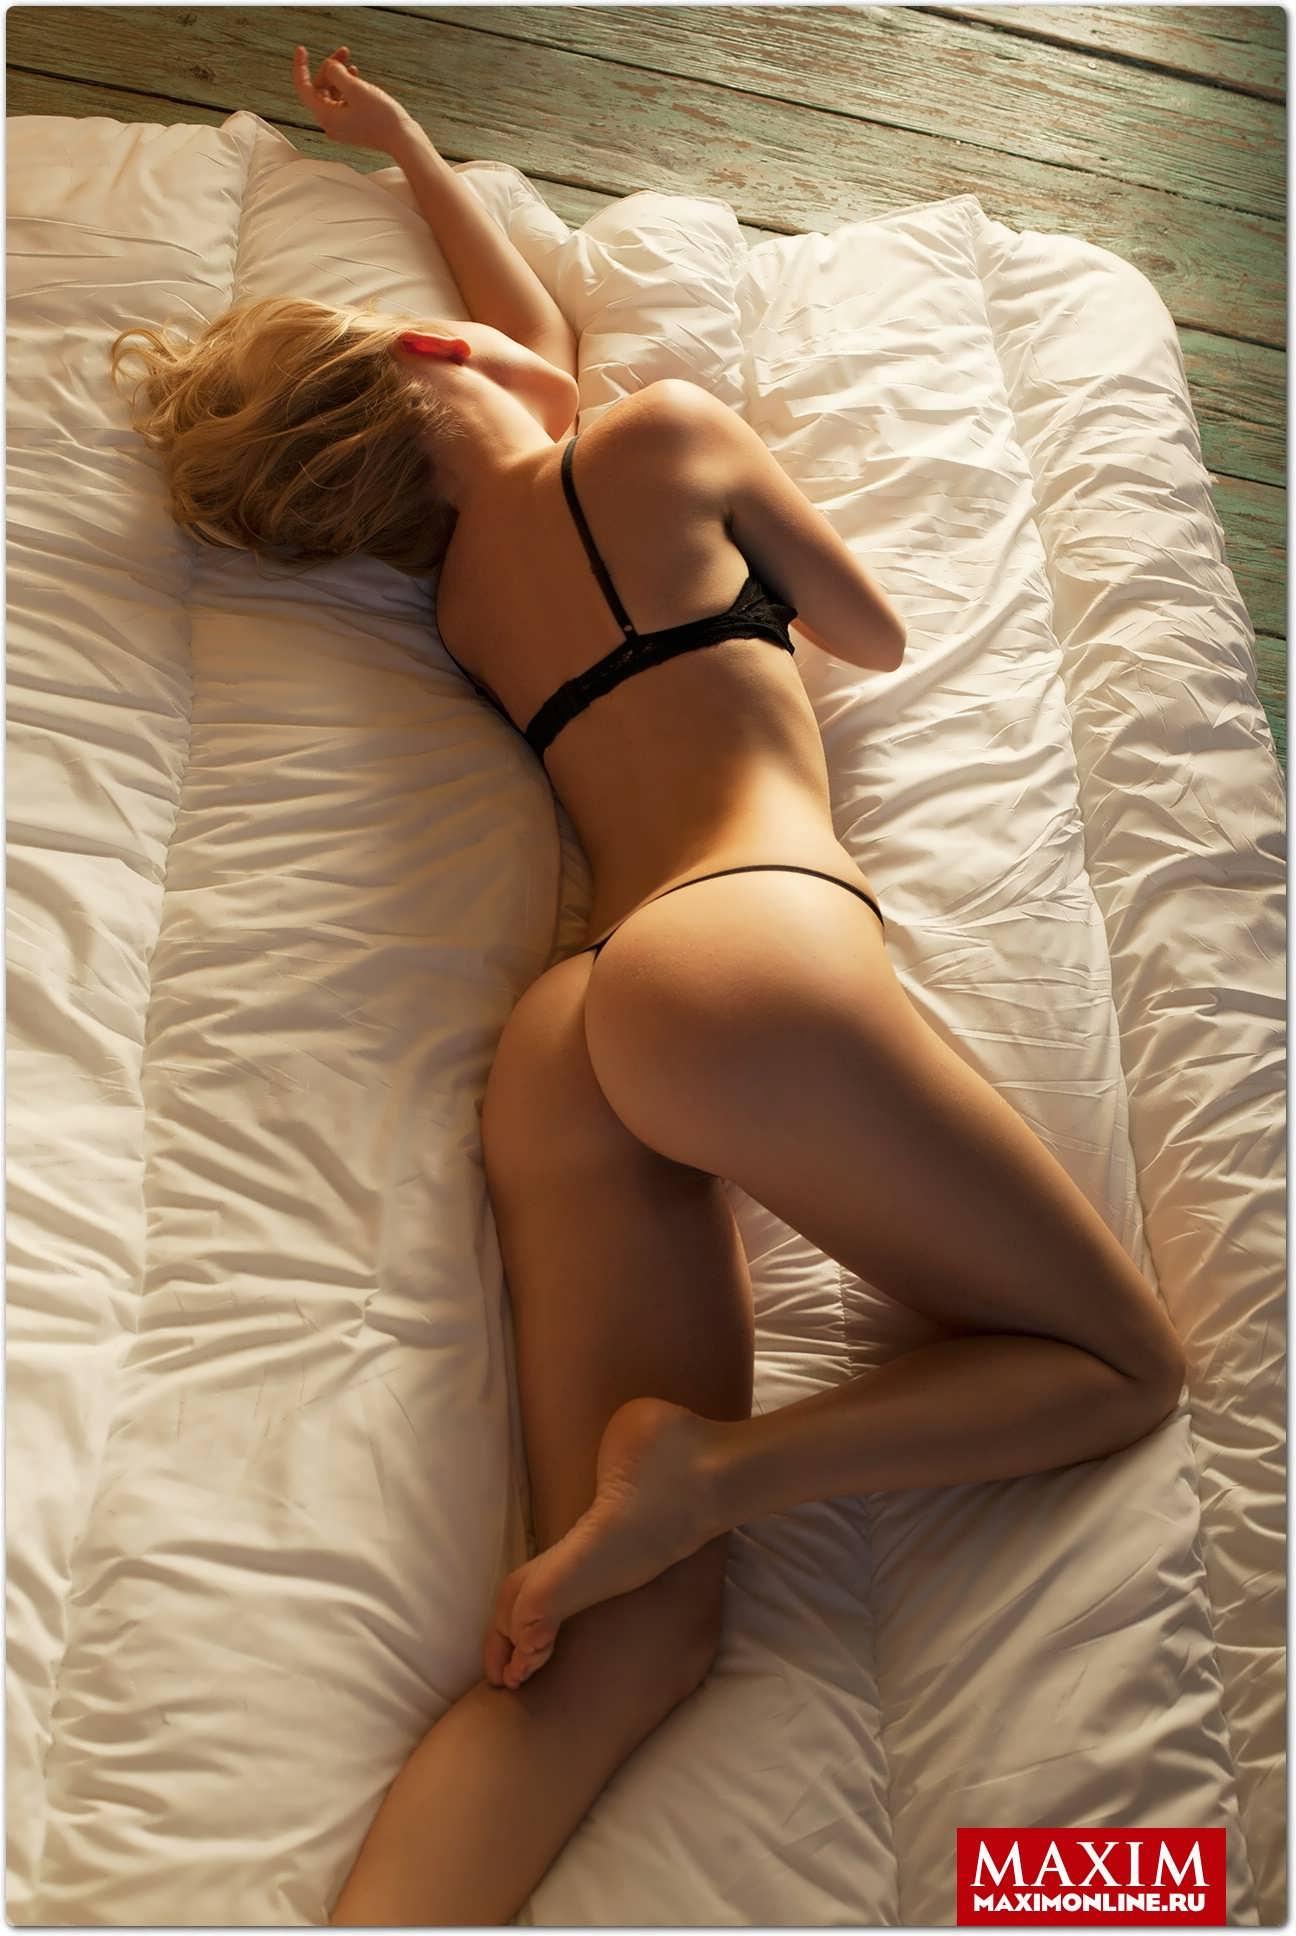 Фото красивых девушек интим в постеле 5 фотография